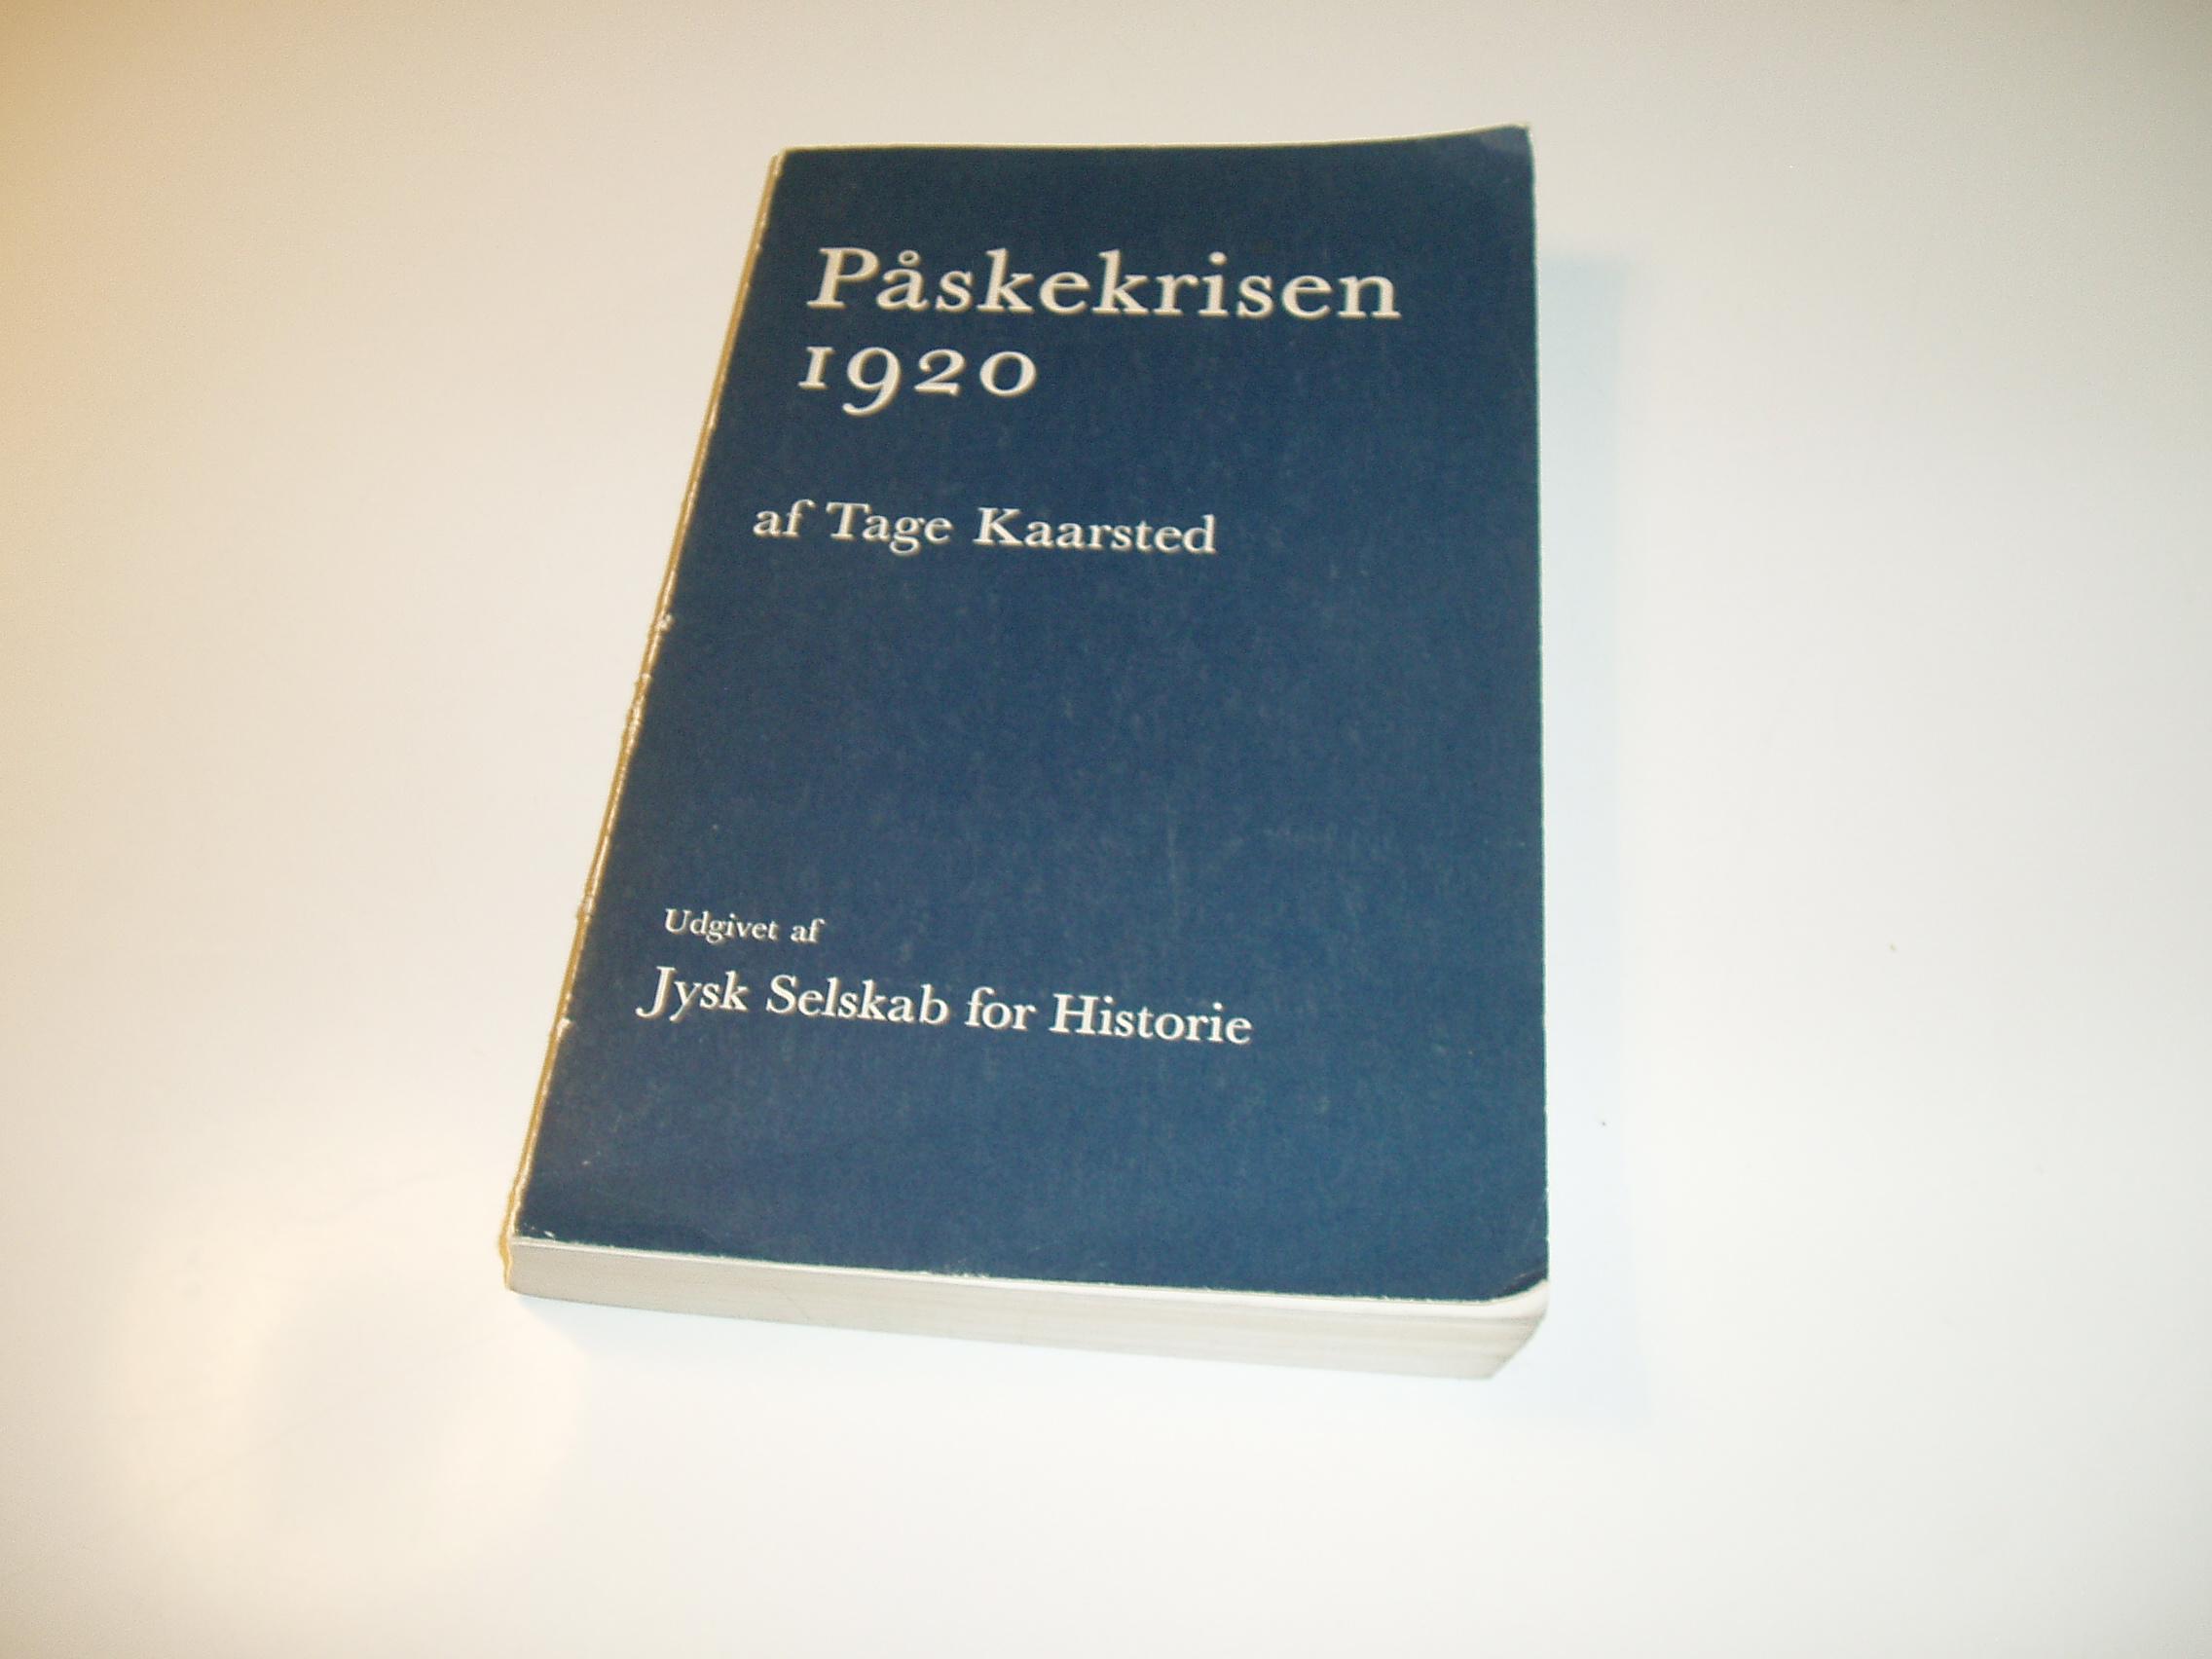 Påskekrisen 1920. Udgivet af Jysk Selskab for Historie